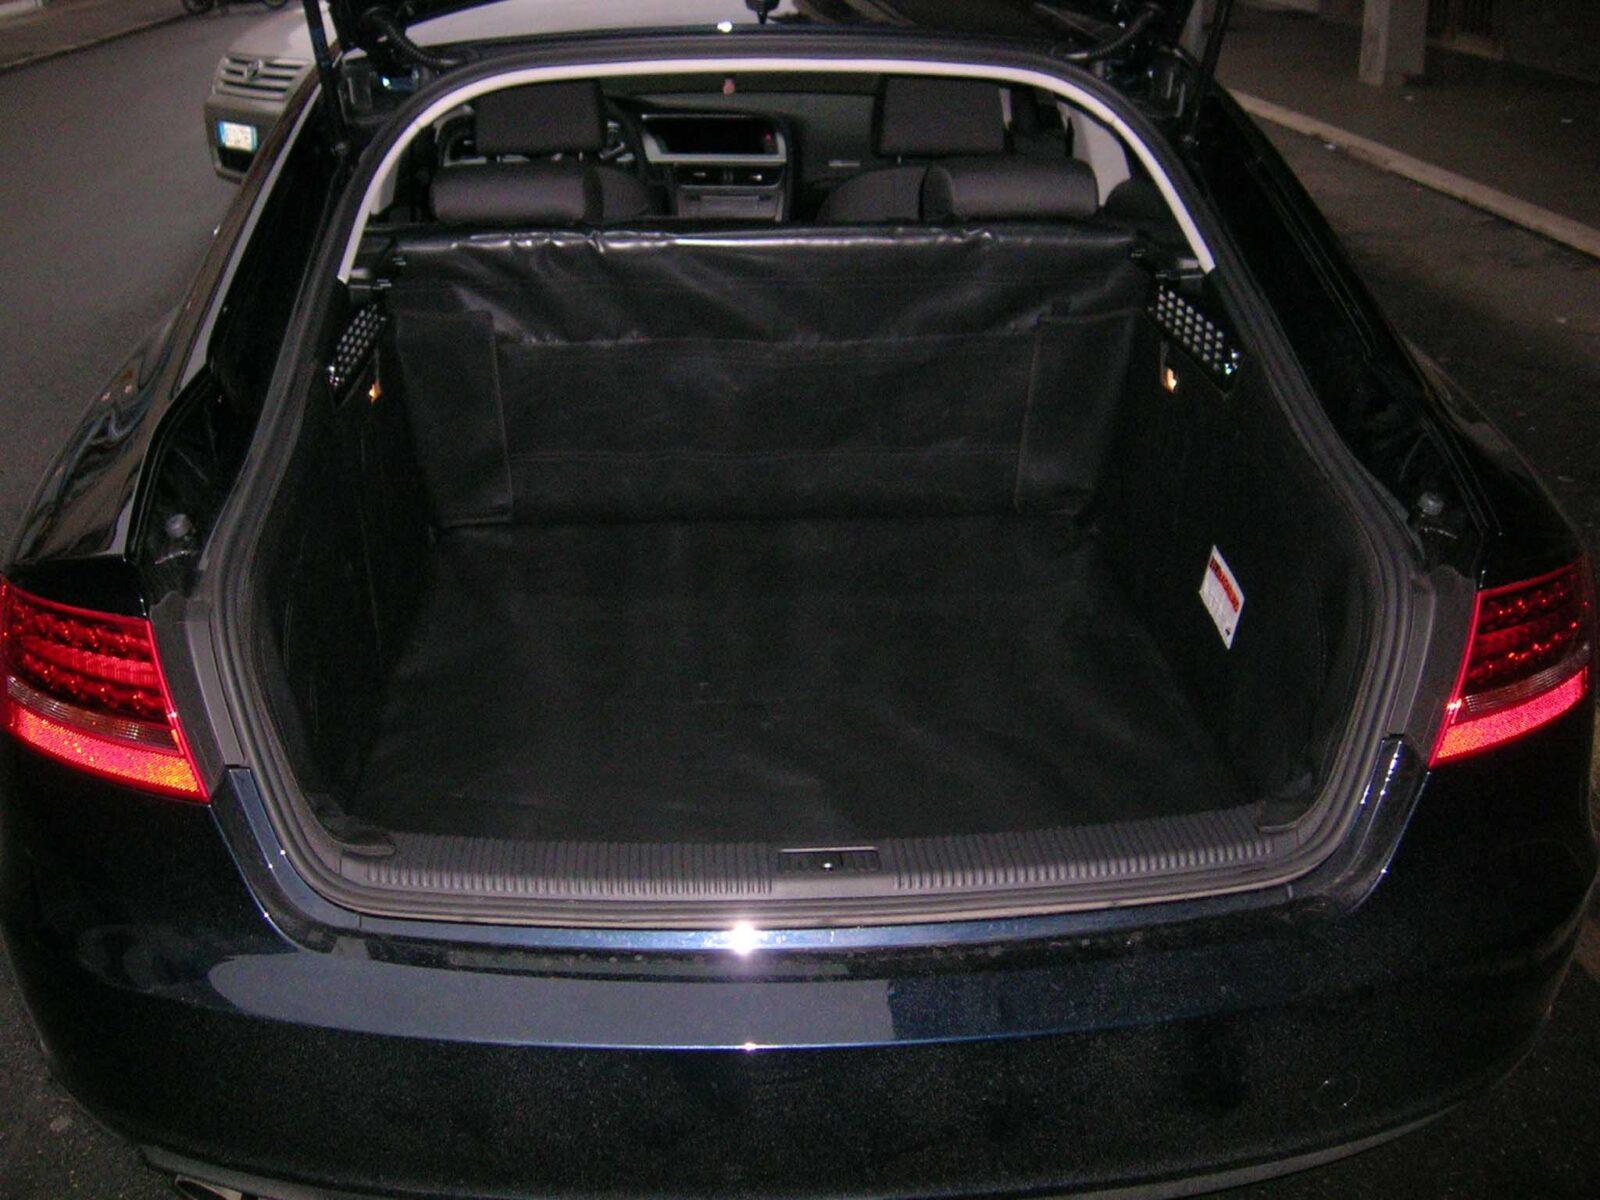 SALVA BAULE AUDI A5 Sportback